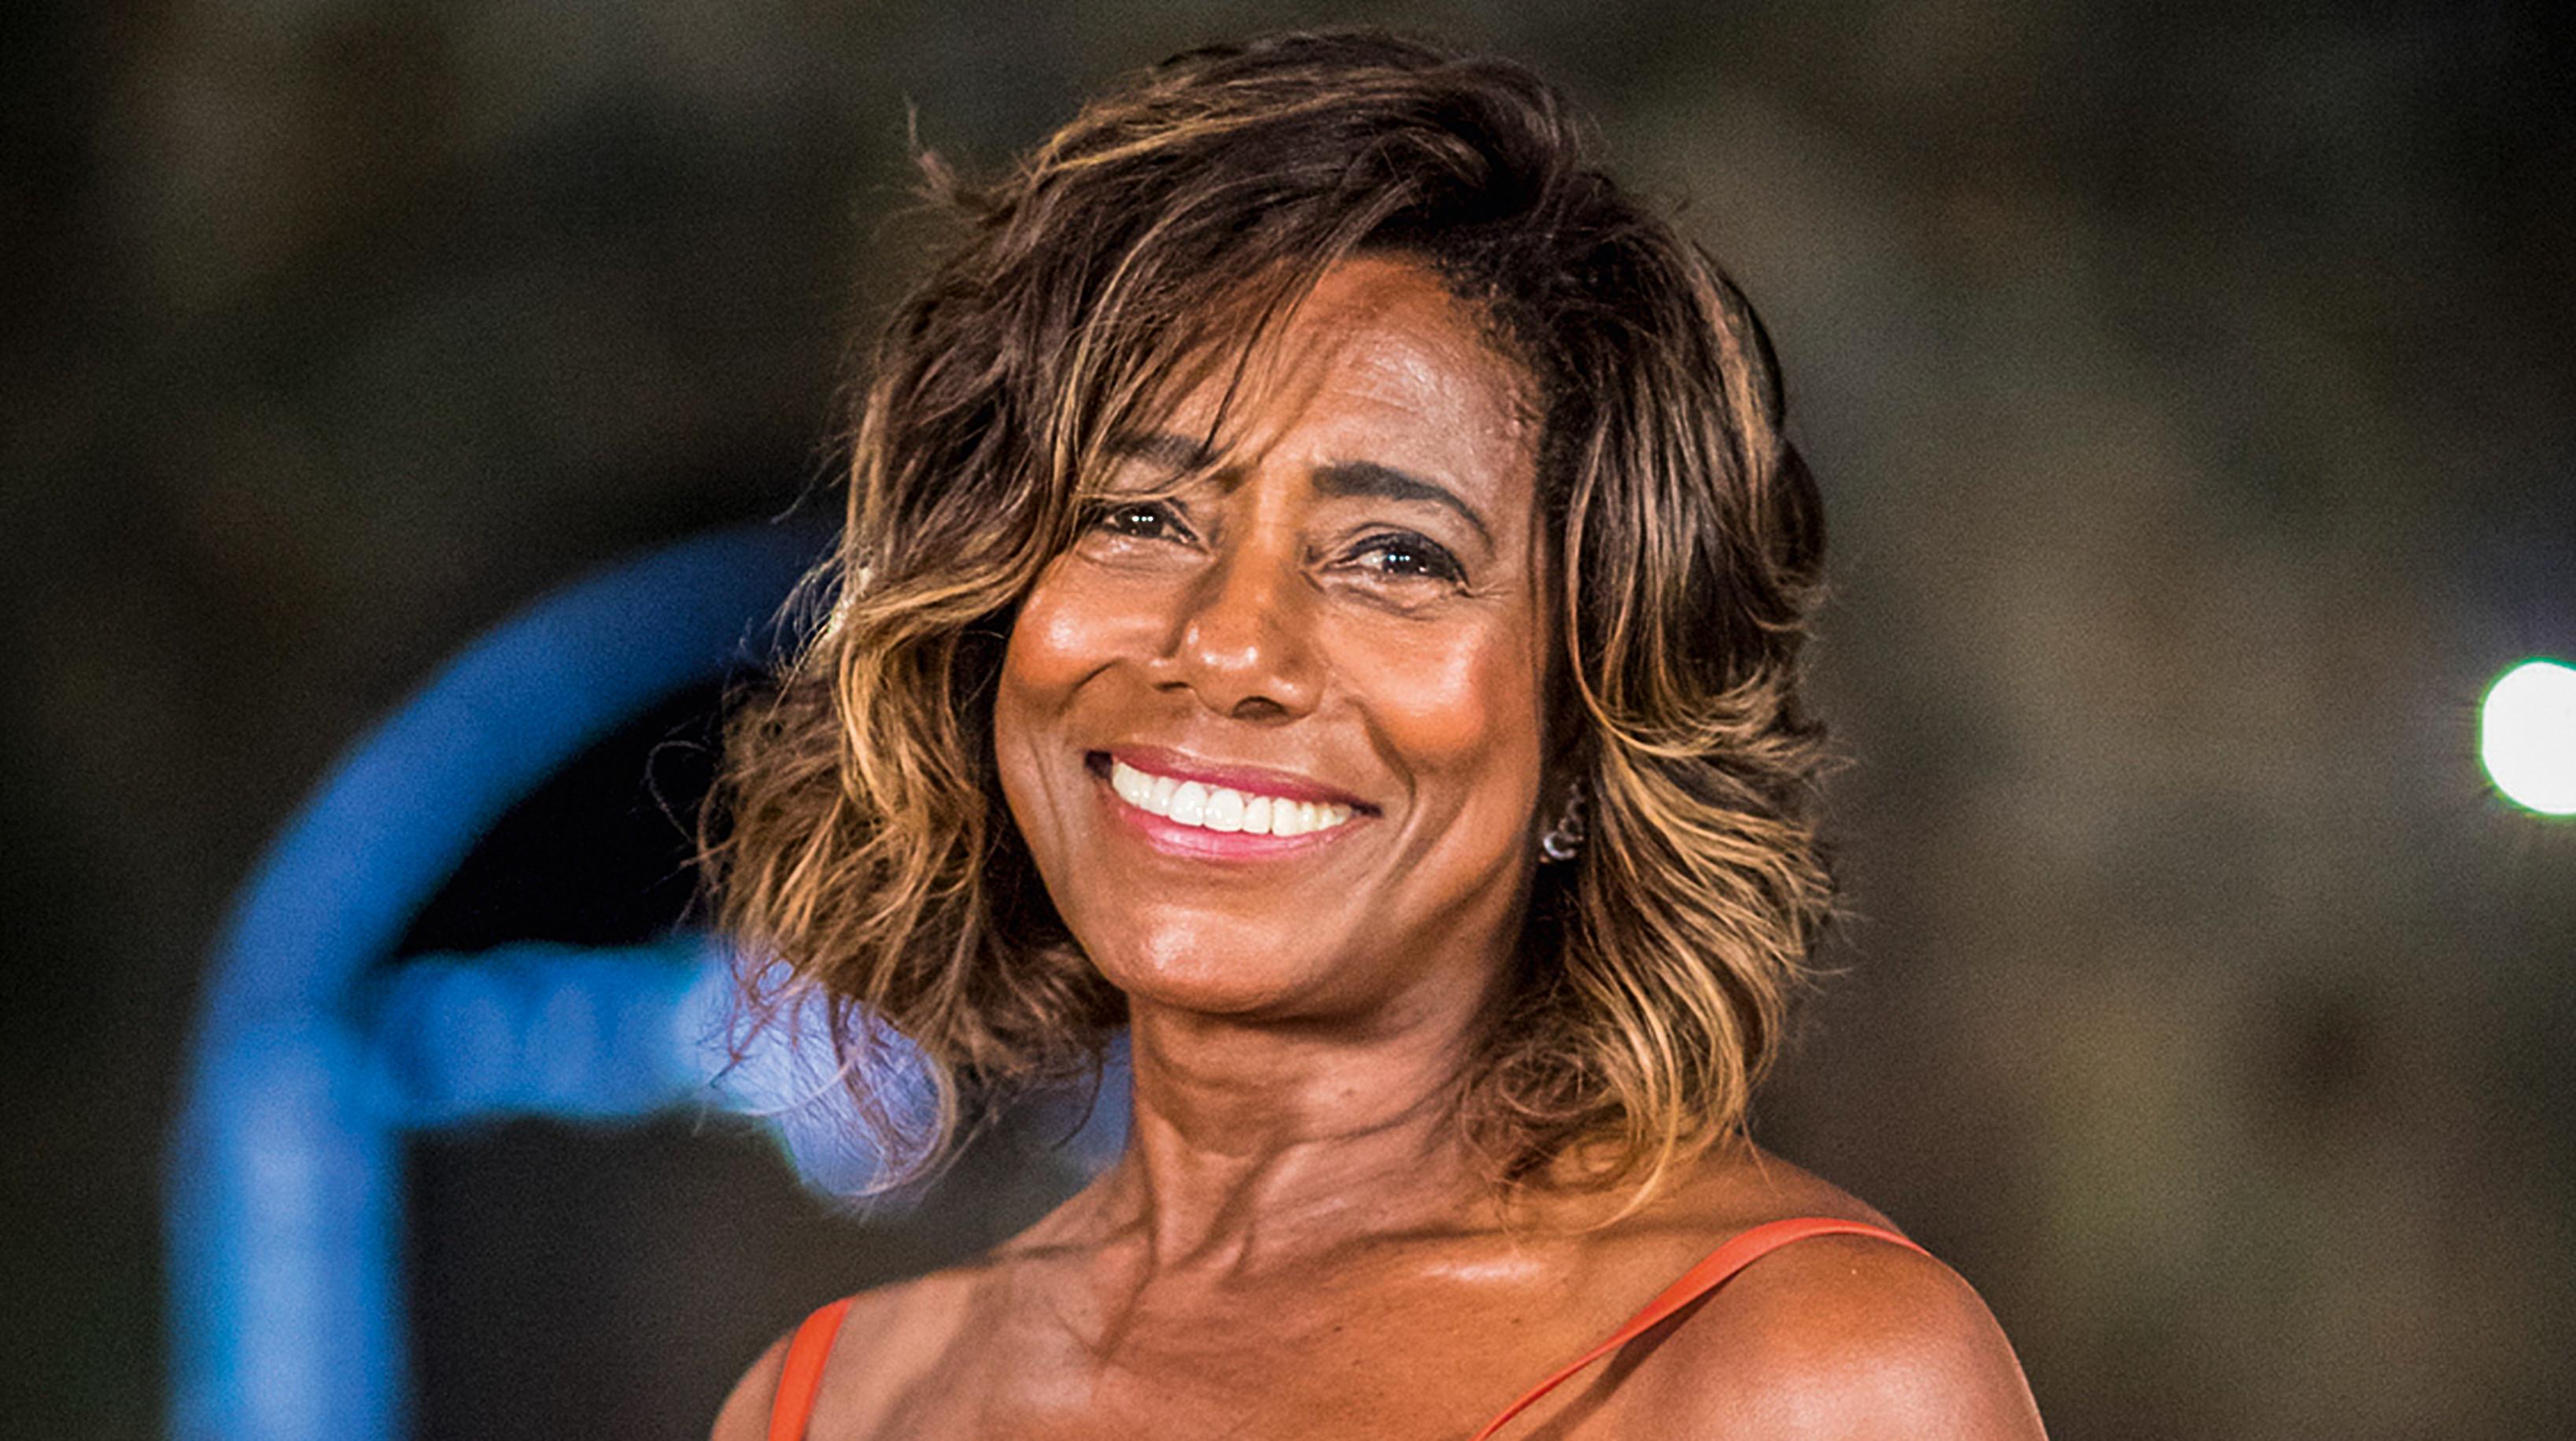 Gloria Maria 'ameaça' repórter: 'Se ele aparecer morto, fui eu'